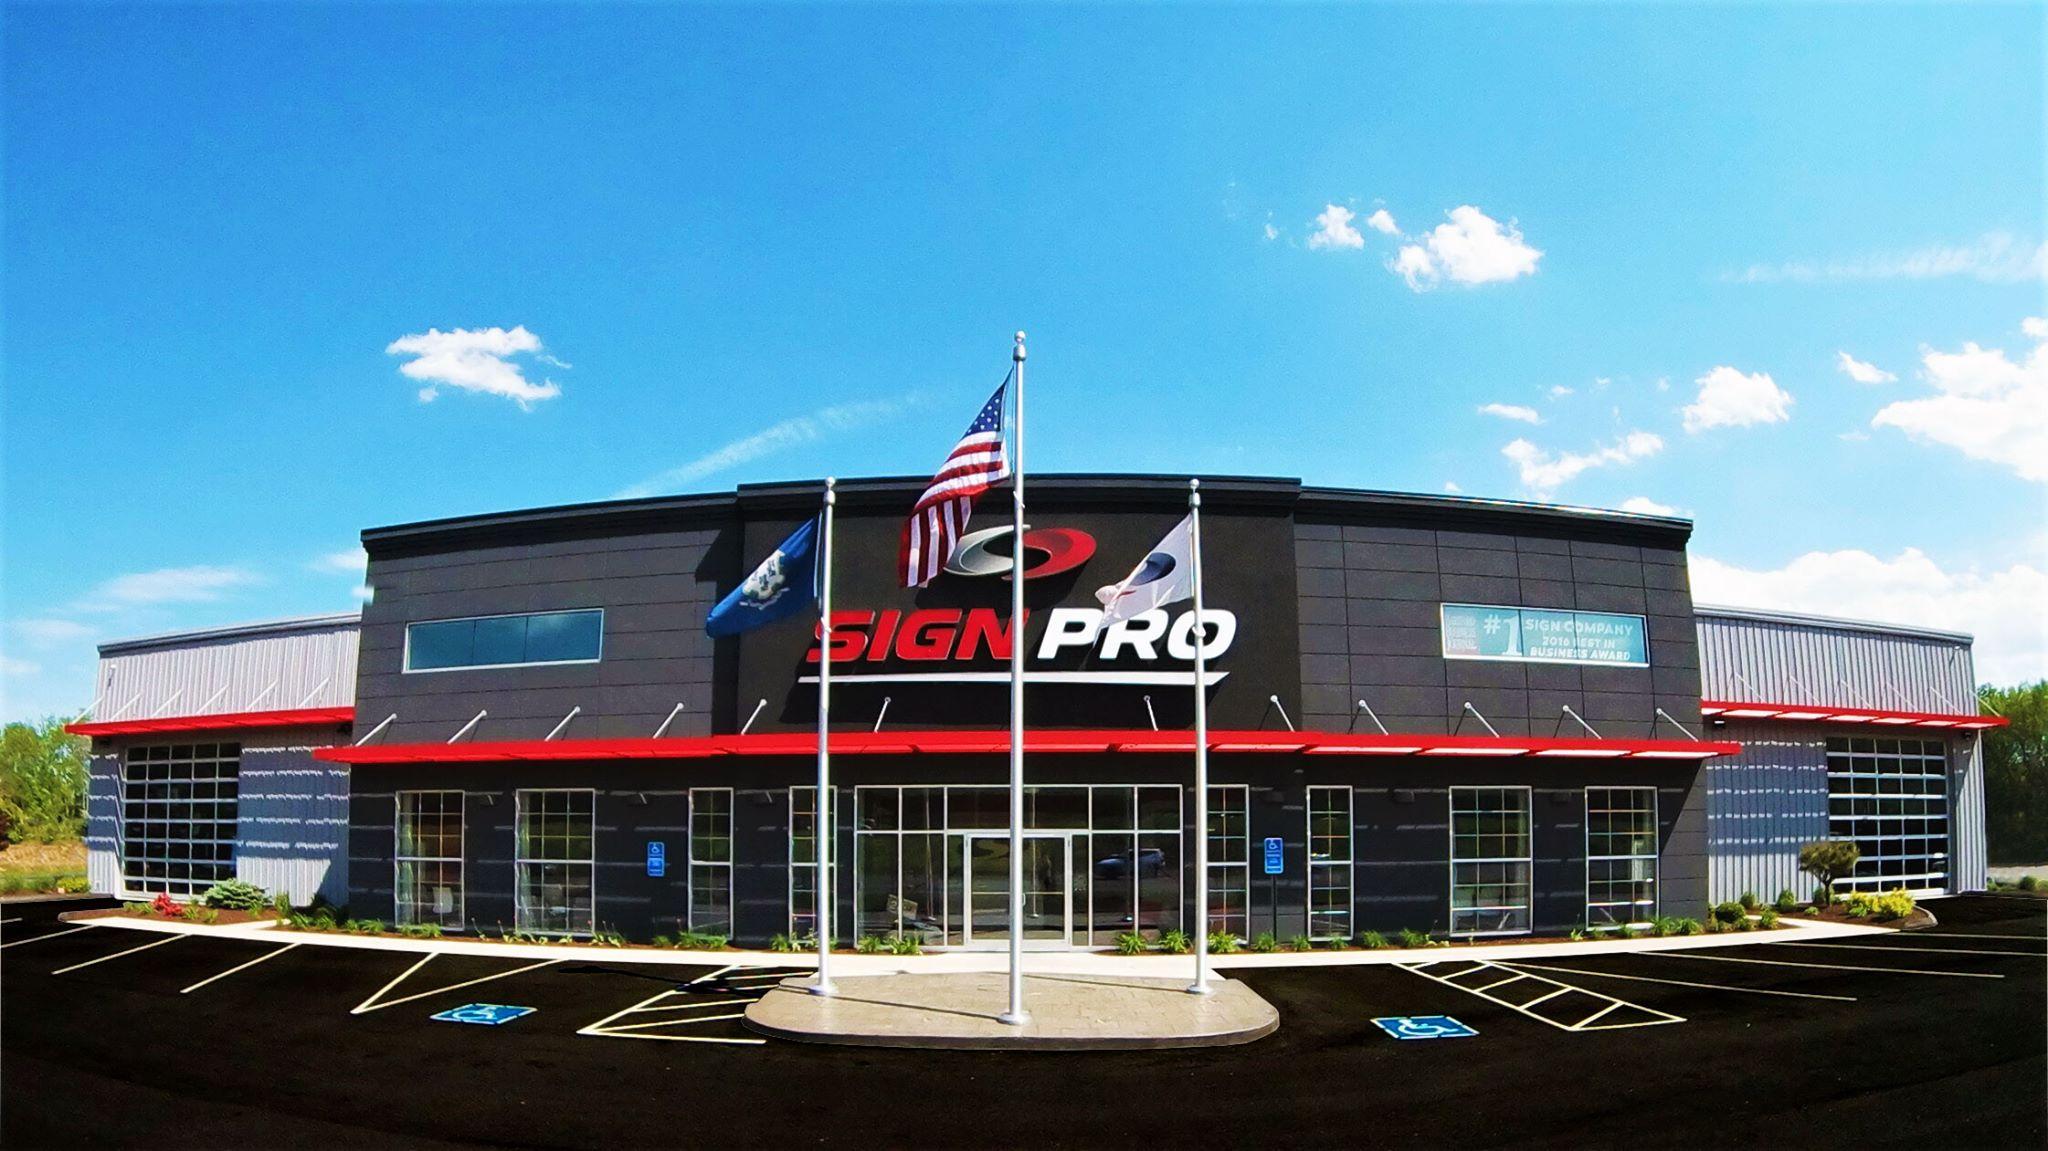 Sign Pro, Inc. 60 Westfield Dr, Southington, CT 06479 - YP.com